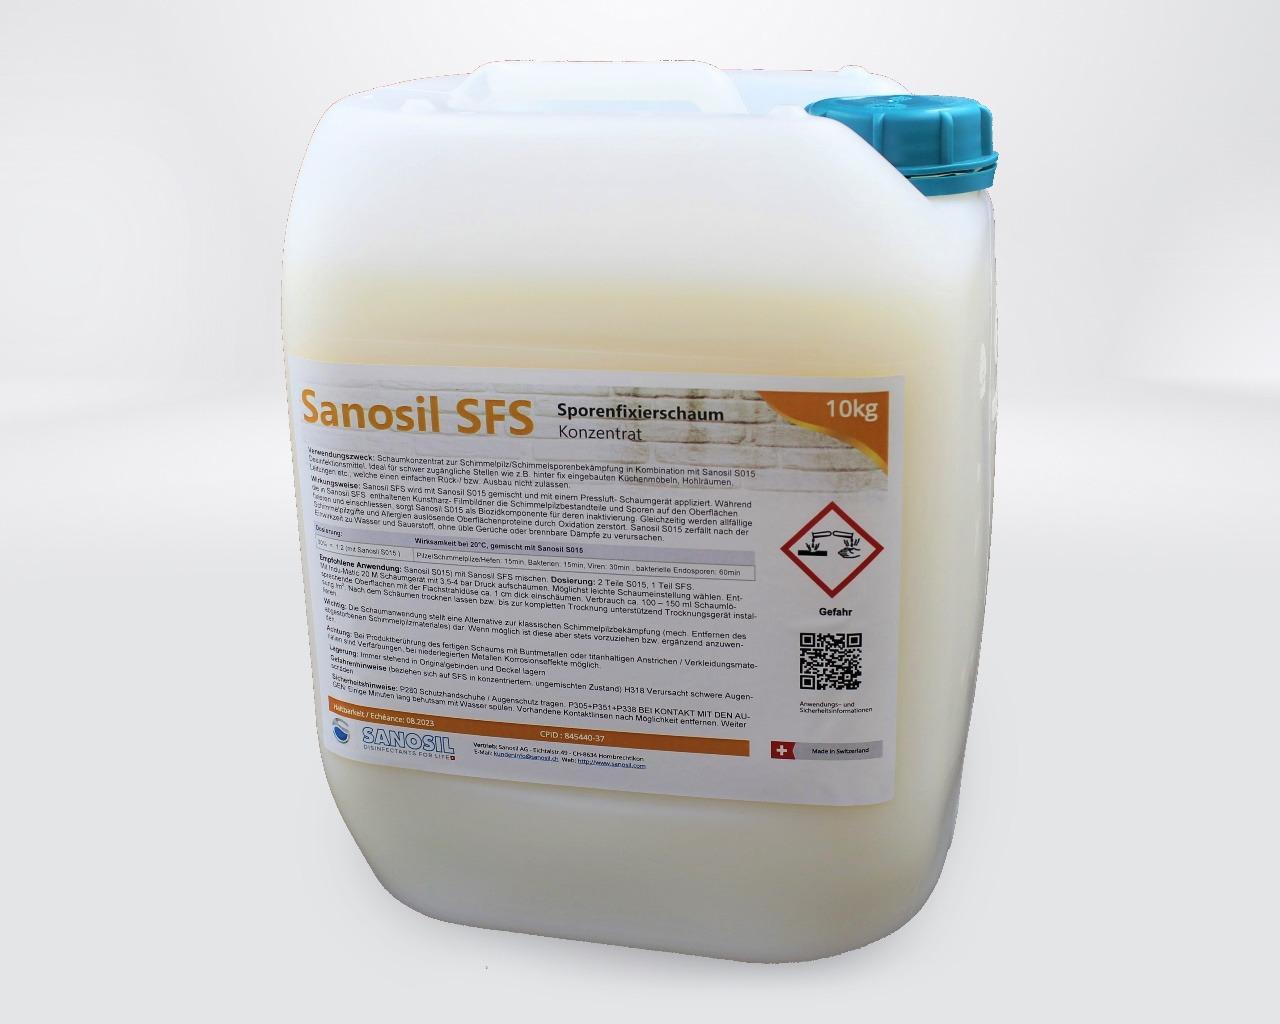 Sanosil SFS Schimmel-und Sporenfixierschaum 10kg